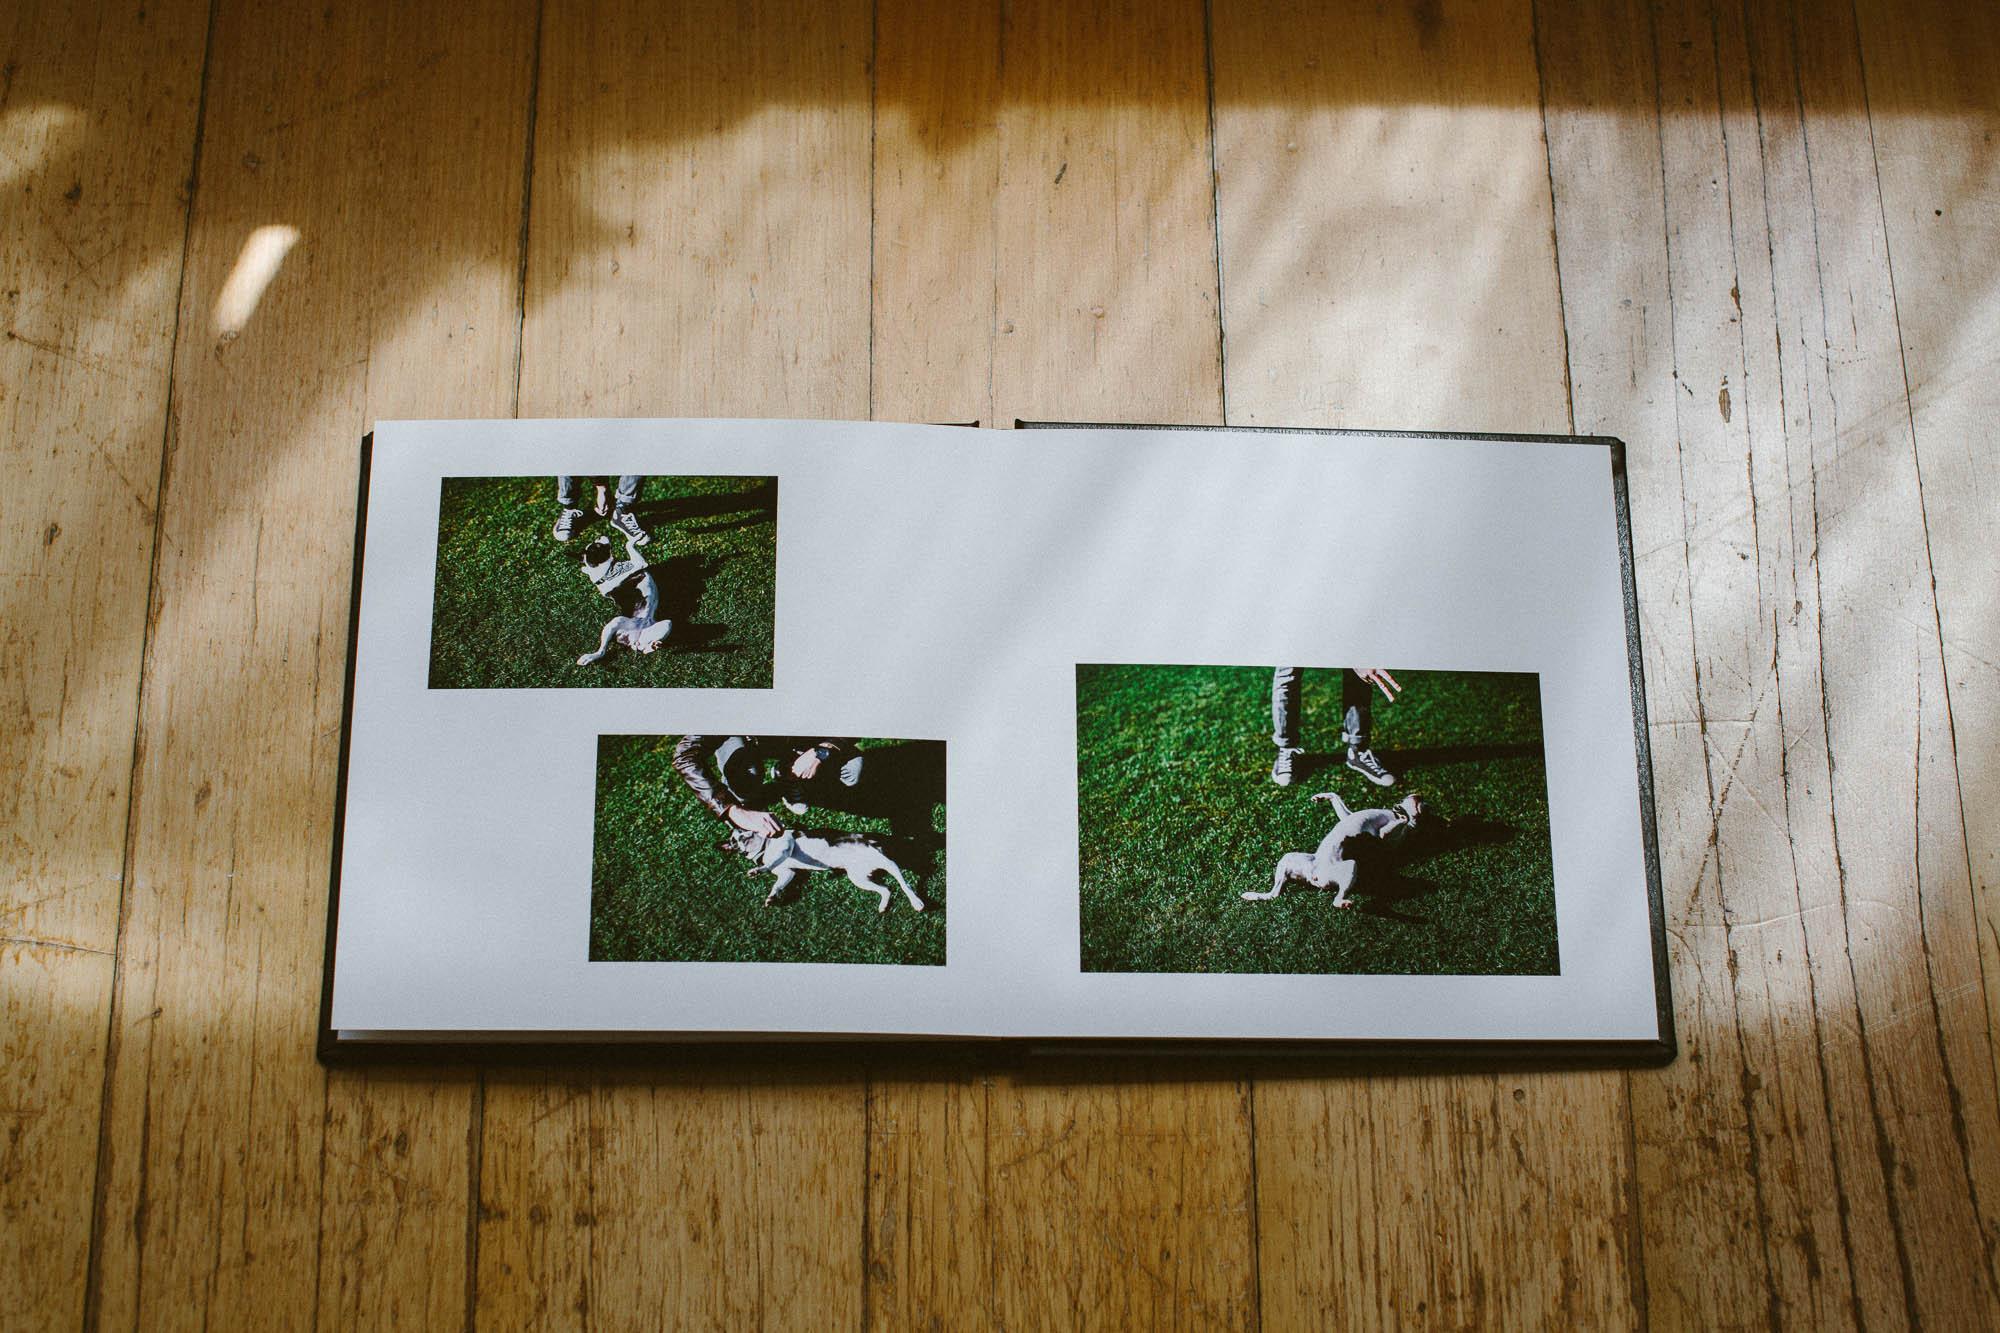 2018_dodger_fineartalbum_2000-17.jpg